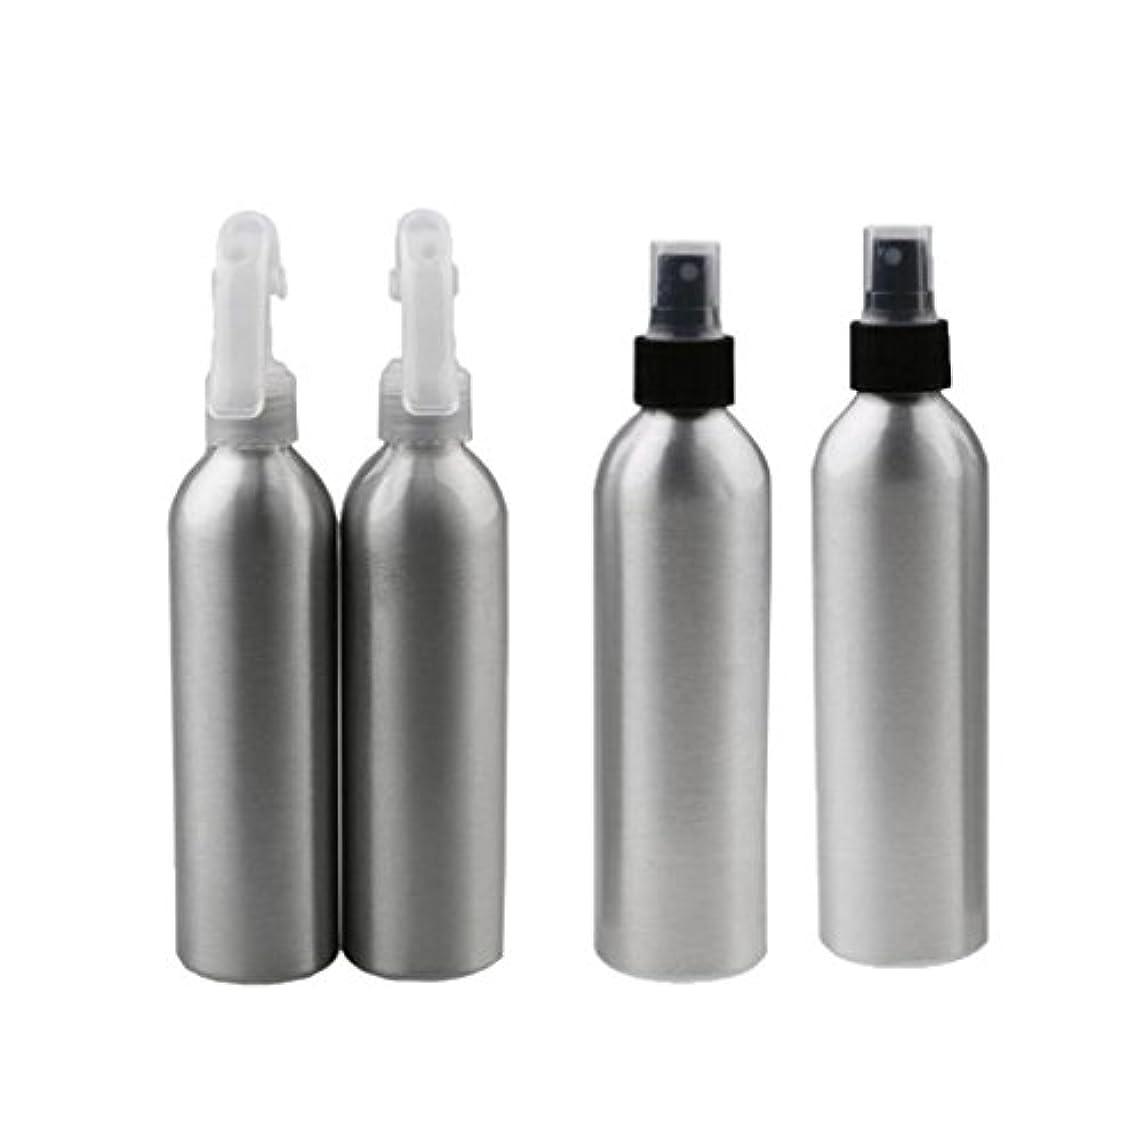 いいね完全に合わせて4個 2x100ml 2x50ml アルミ 空 ミストスプレー ボトル メイクアップ 香水 スプレーアトマイザー 便利